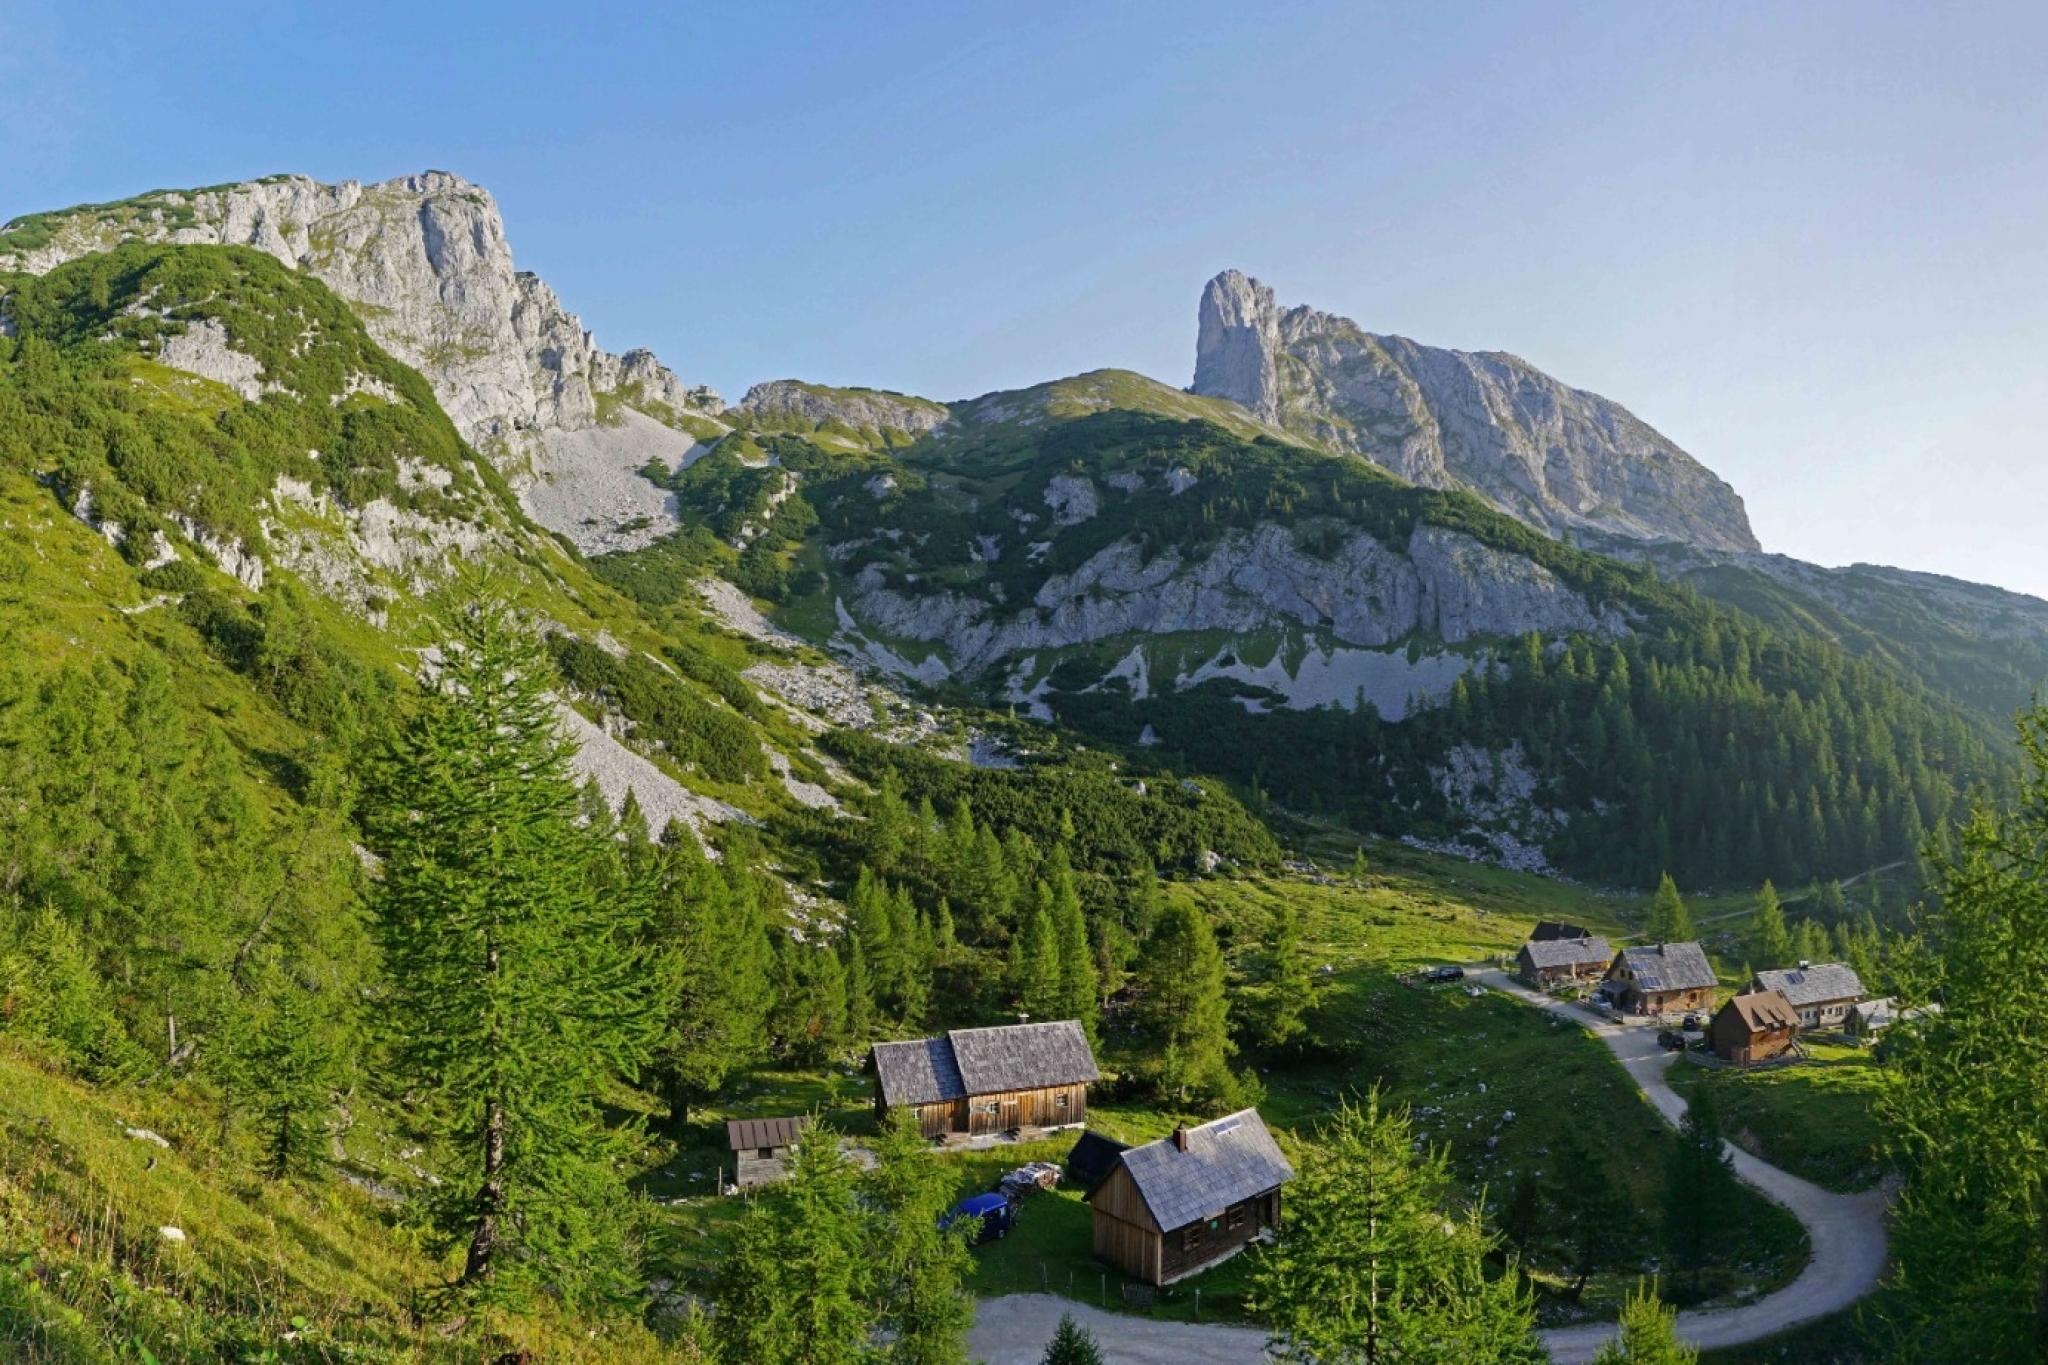 Auf den Almen und Bergen rund um die Tauplitz, wissen unsere Hüttenwirte was Berghelden & Naturliebhabern schmeckt. Einfach herzhaft essen & gesellig feiern!